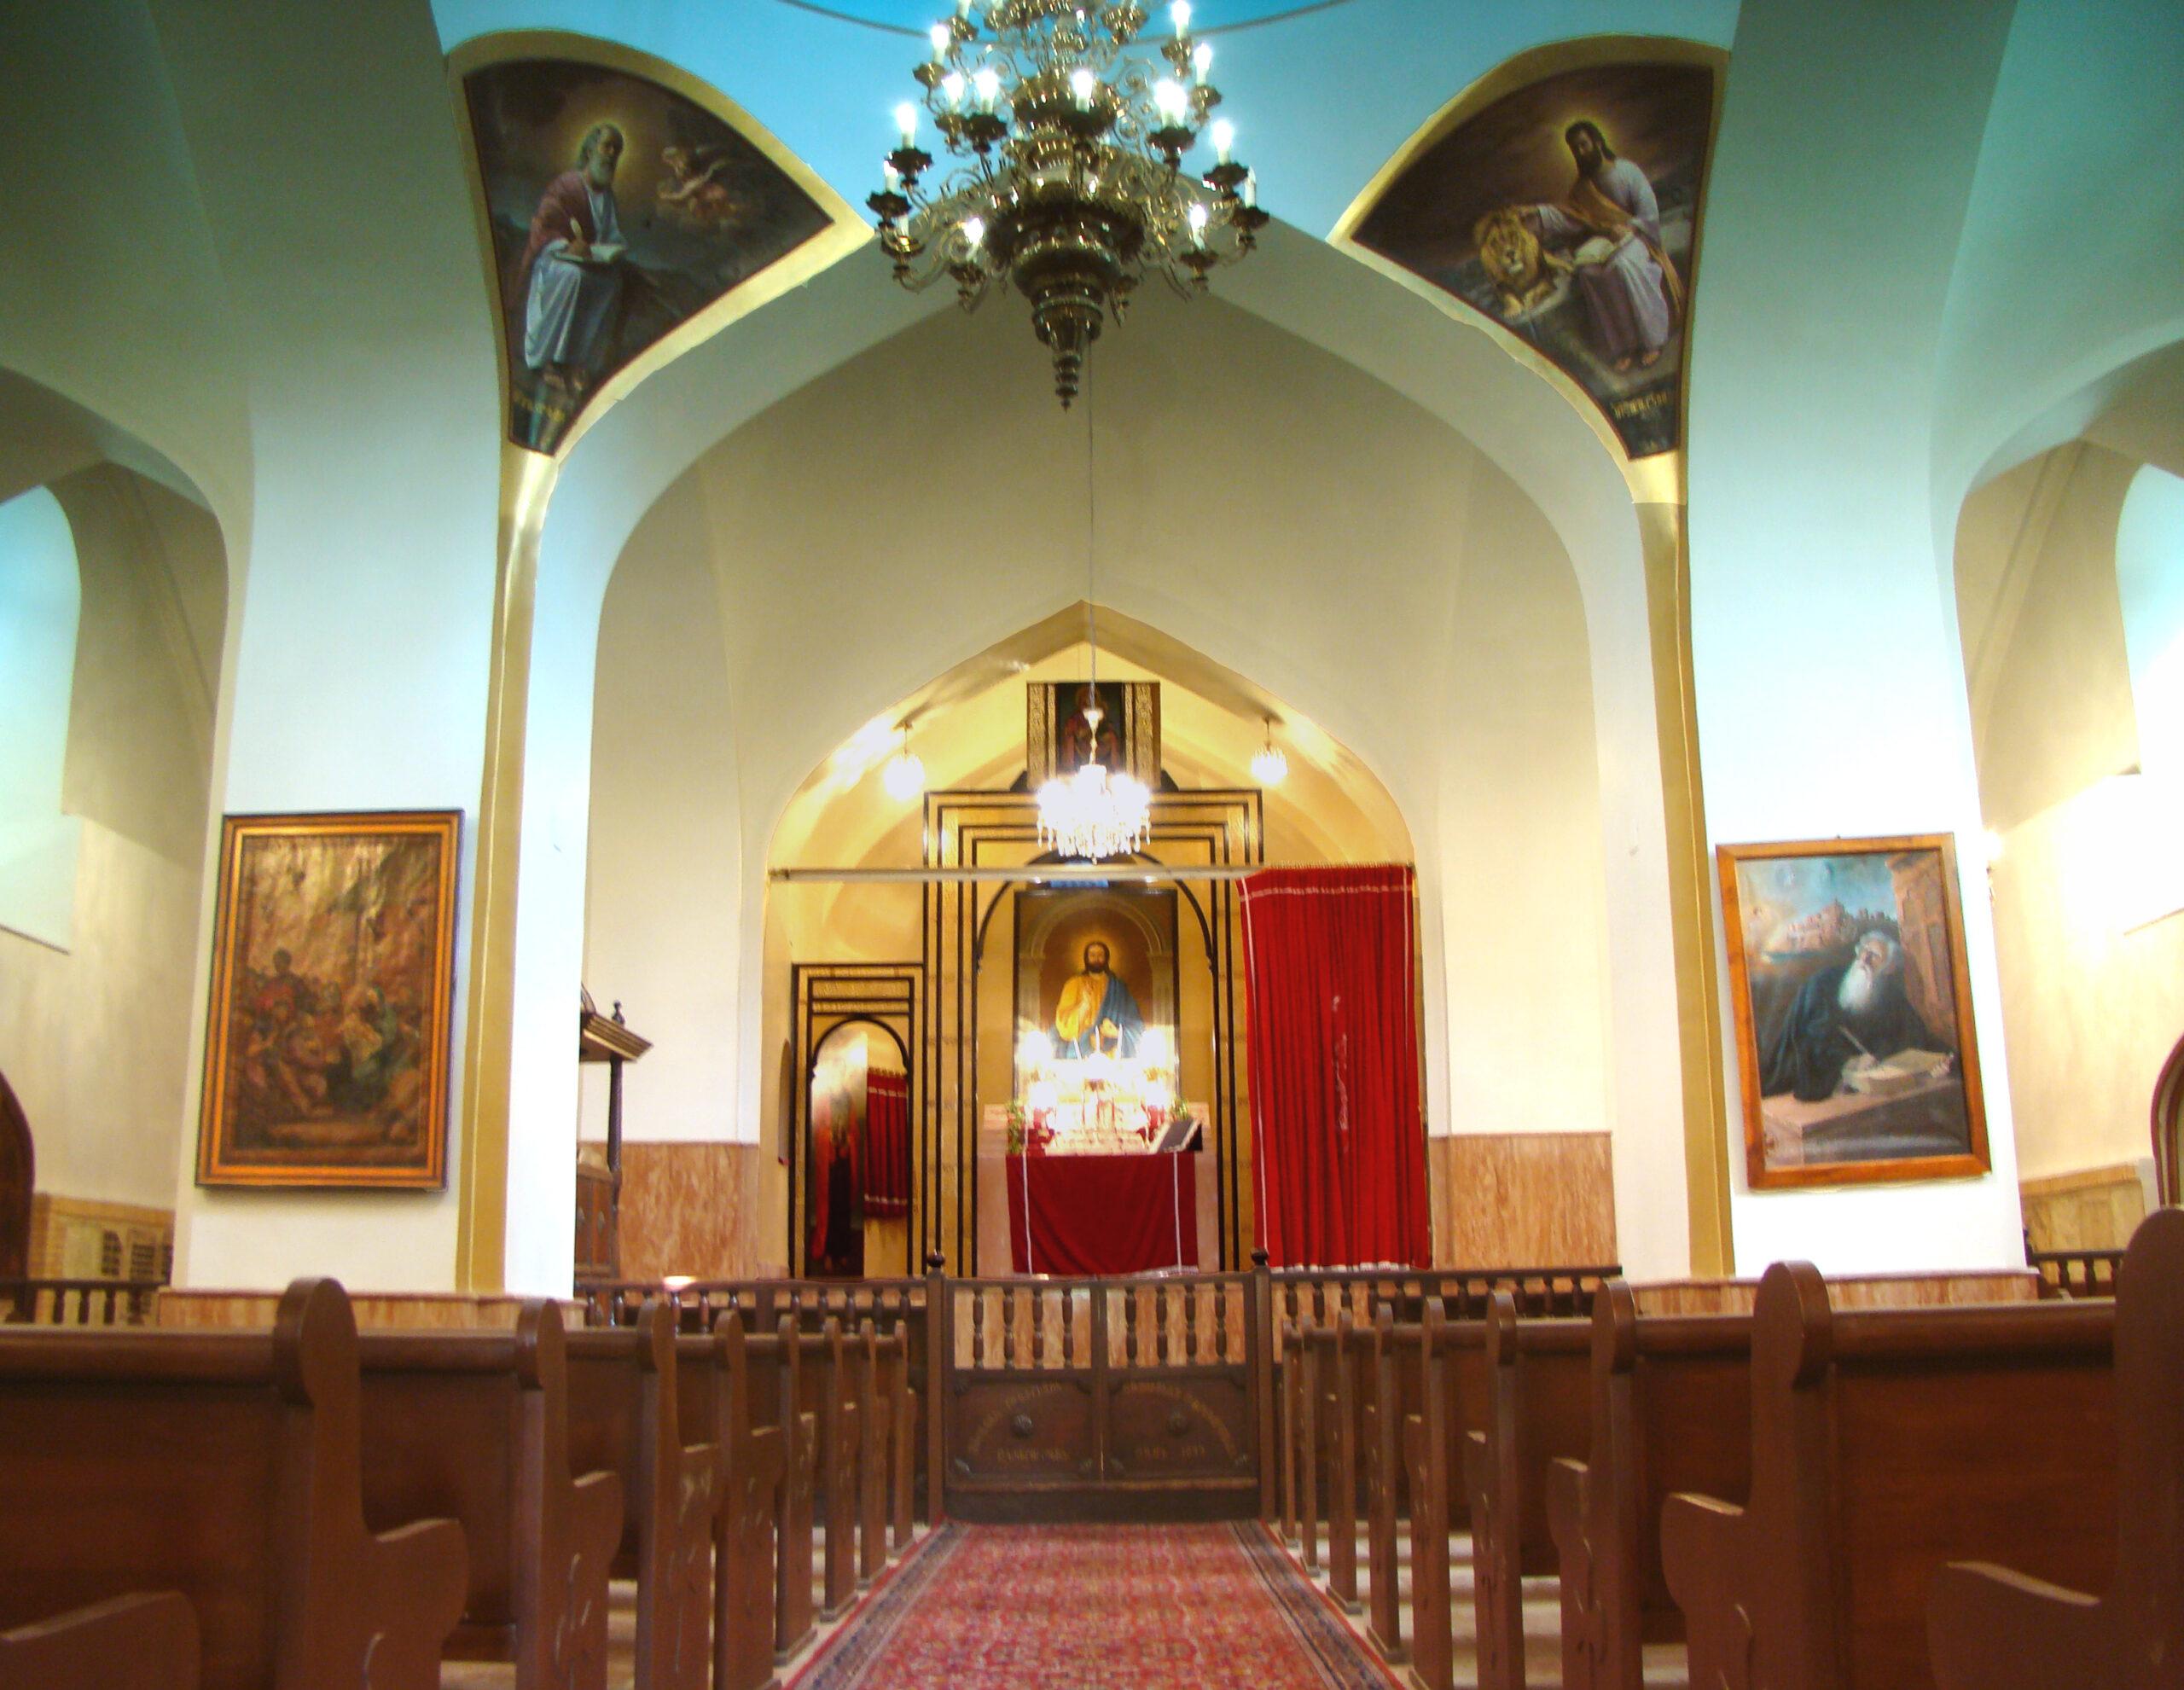 کلیسای استفانوس مقدس ،جاذبه های گردشگری تبریز